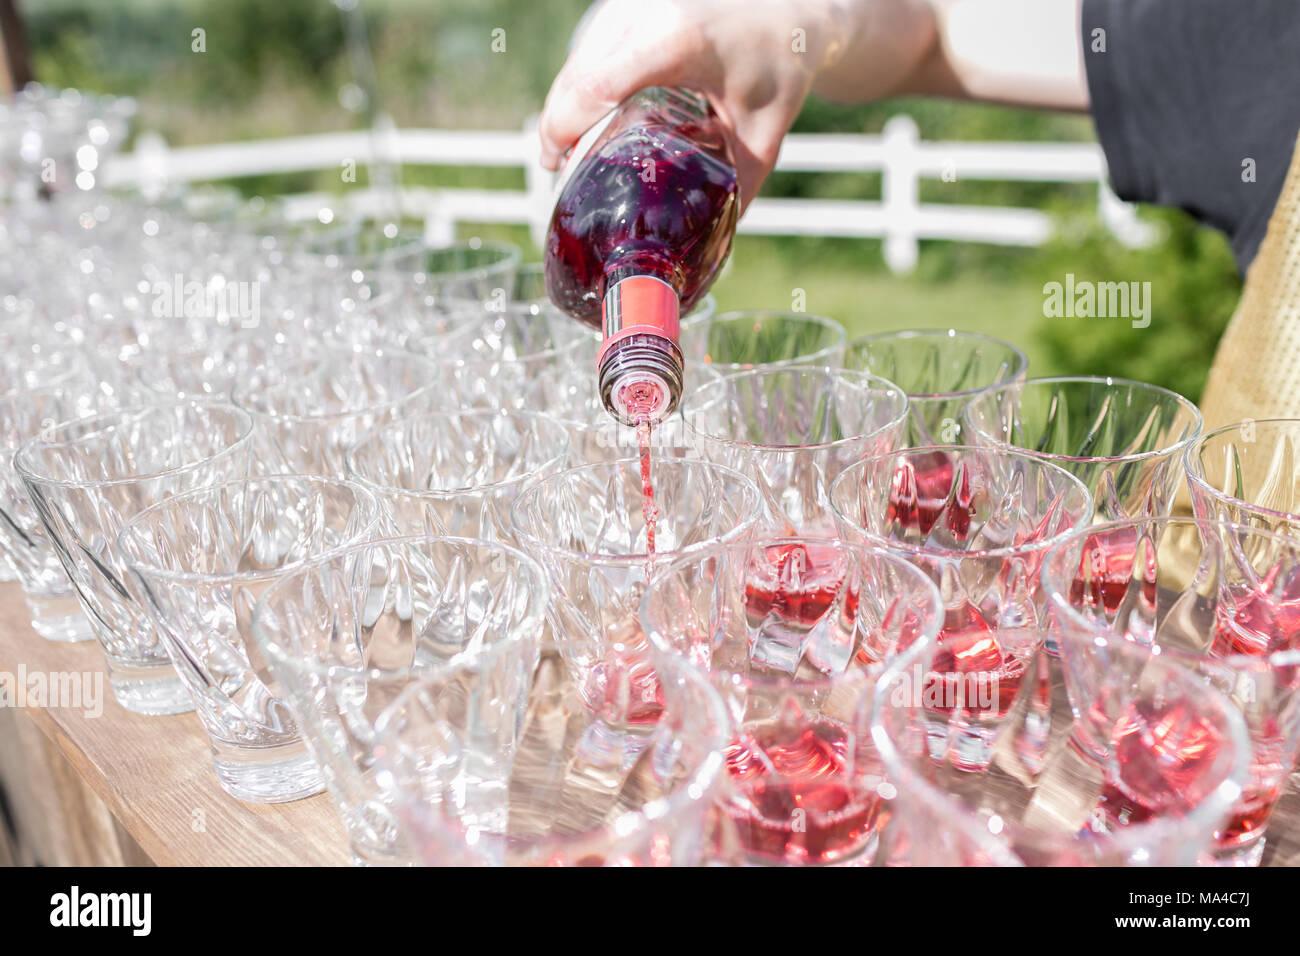 Hände von einem Kellner, die Pyramide von Gläser für Getränke, Wein, Champagner, festliche Stimmung, Feier Stockbild